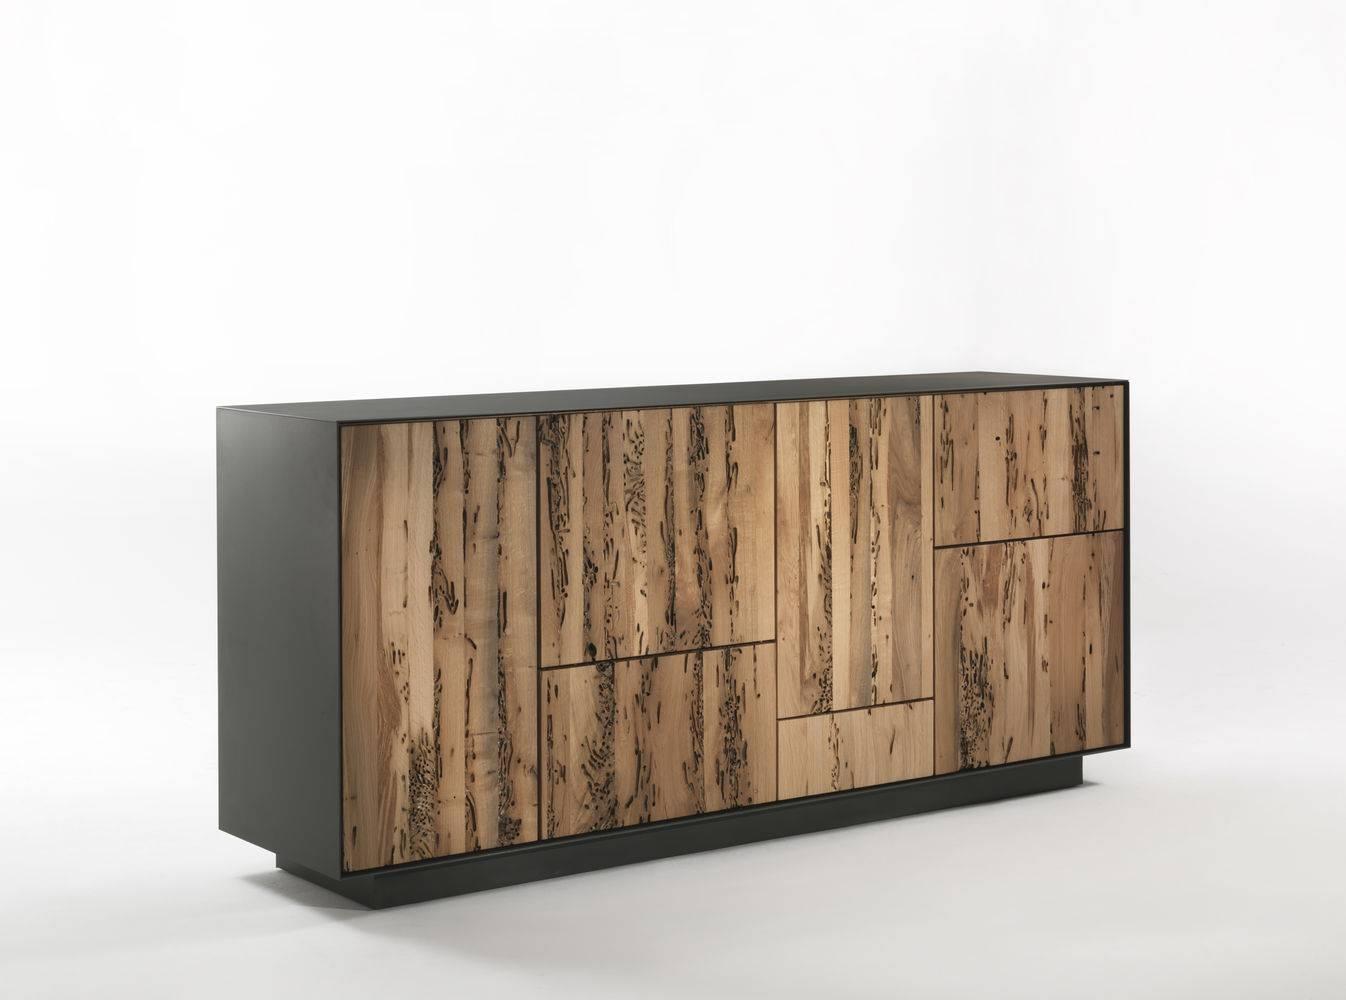 Contemporary Sideboard / Oak / Walnut / Metal – Rialto Modulo Regarding Metal Sideboards (View 17 of 20)